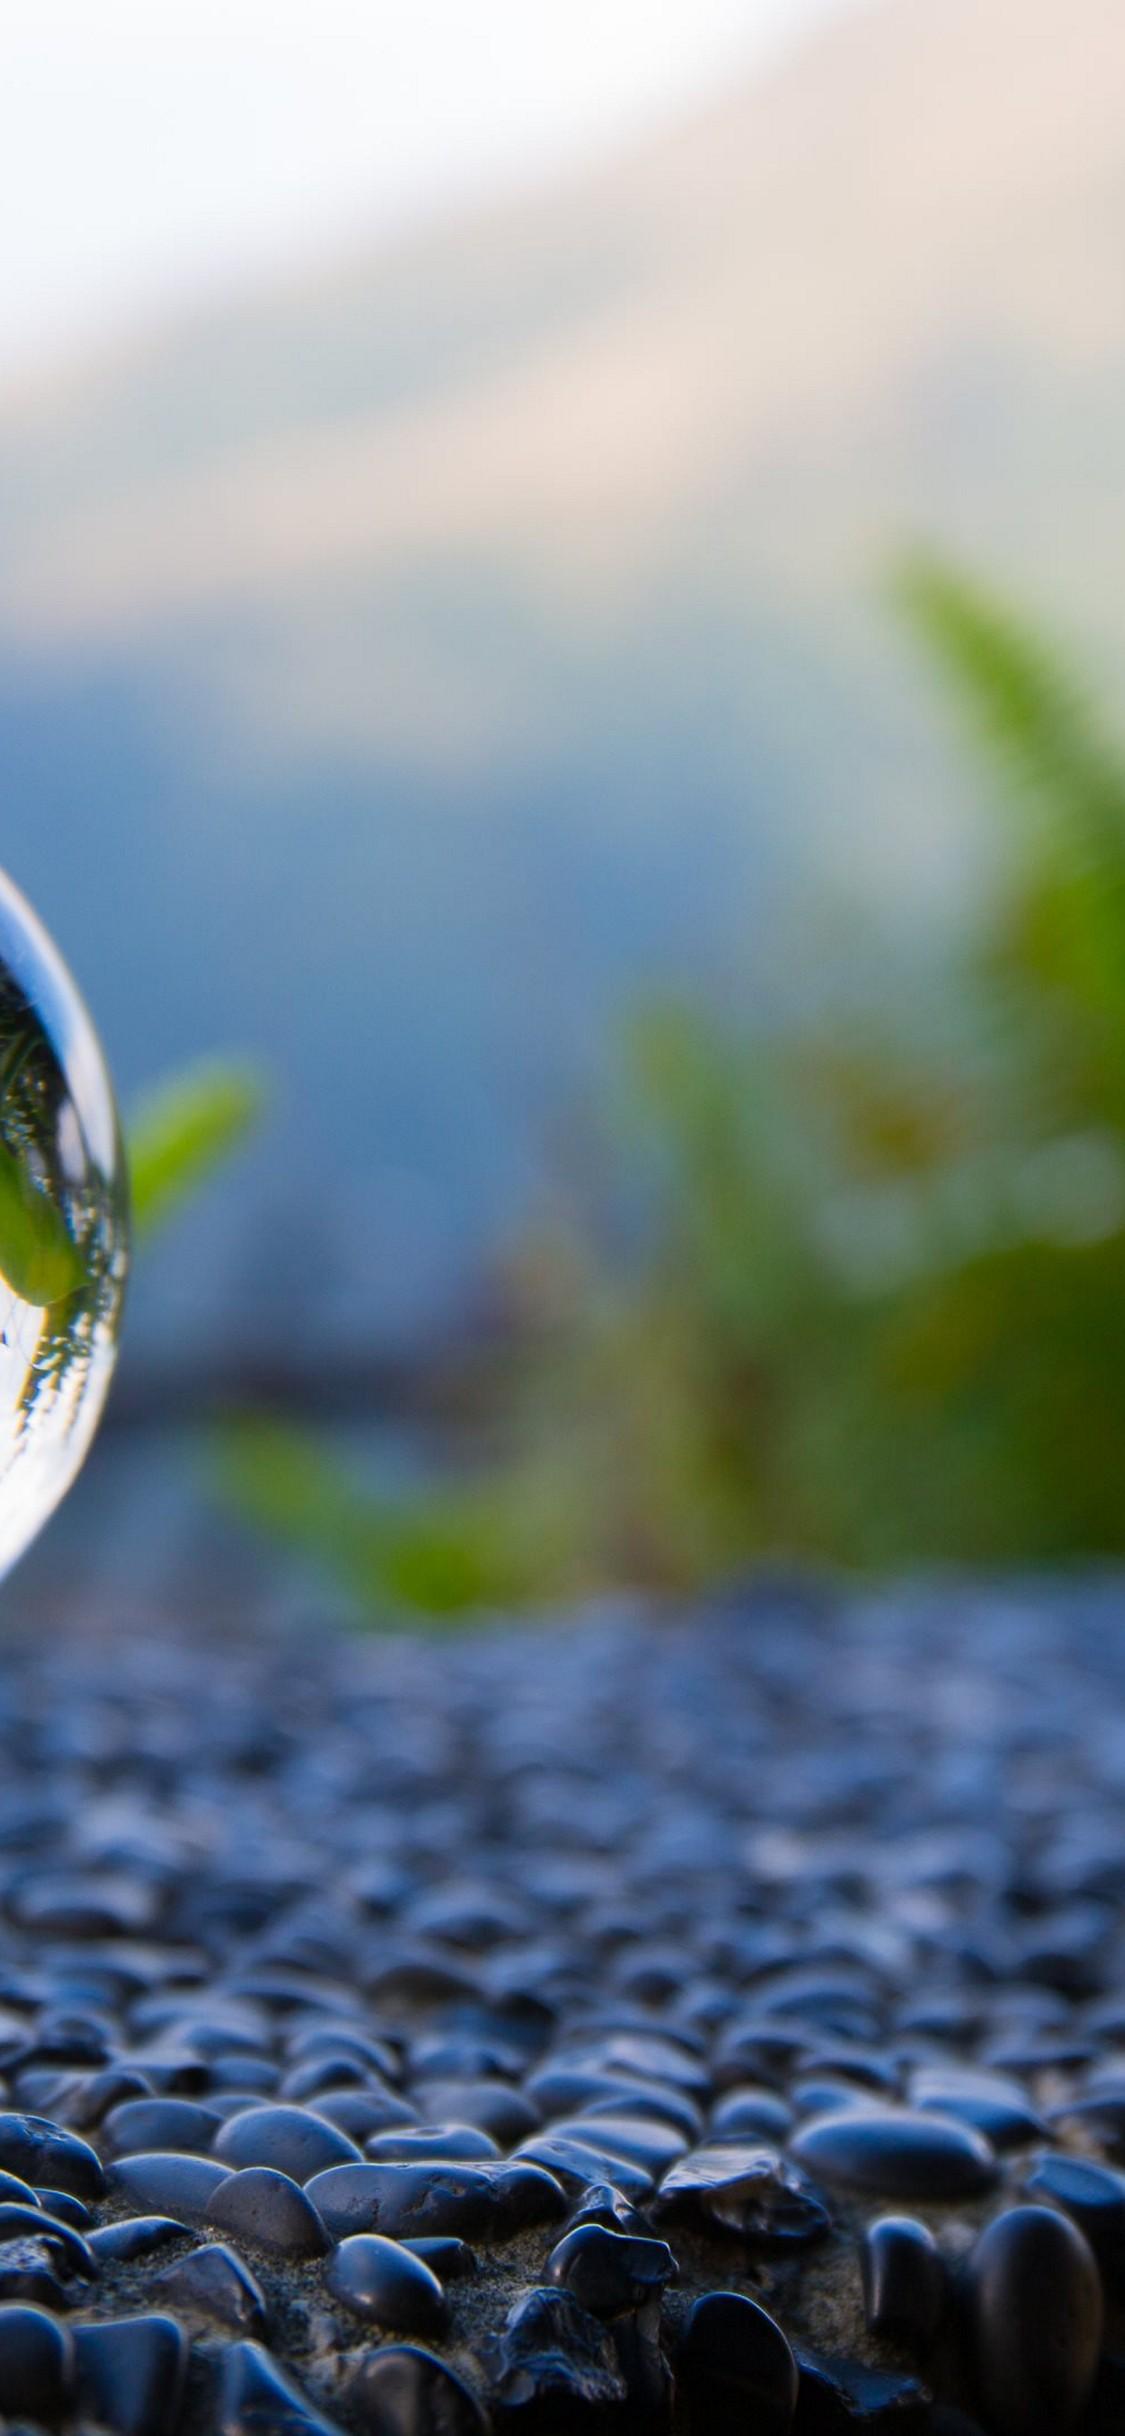 Glass Ball Reflection Wallpaper